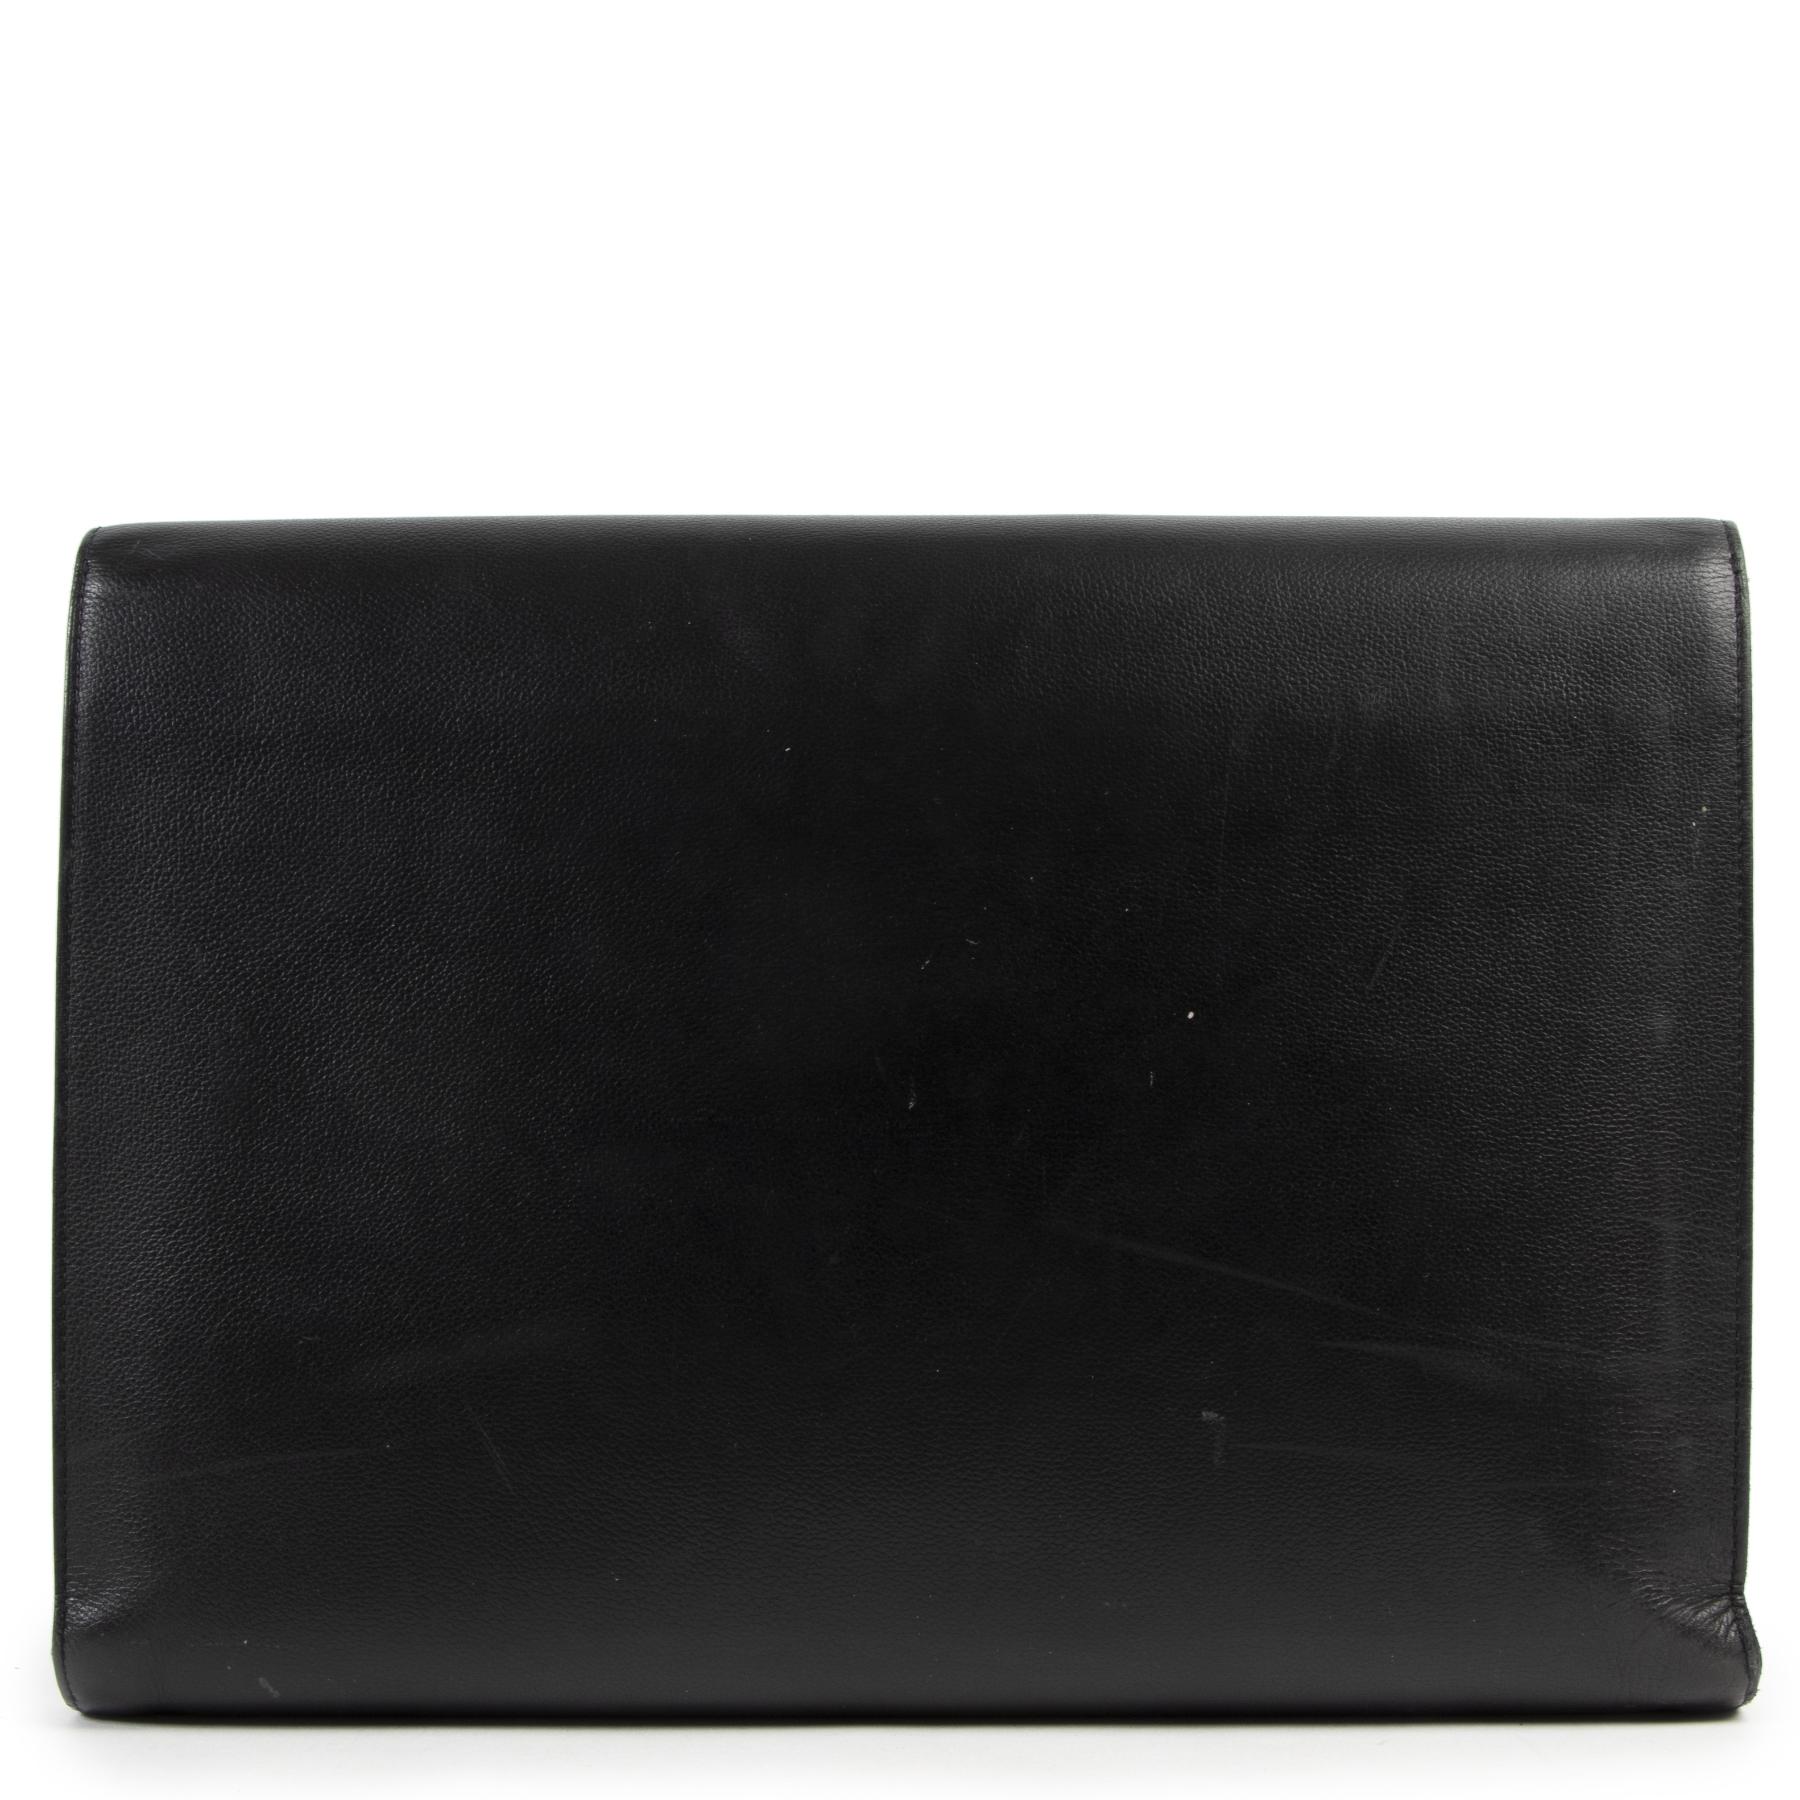 Authentieke Tweedehands Delvaux Black Briefcase juiste prijs veilig online shoppen luxe merken webshop winkelen Antwerpen België mode fashion